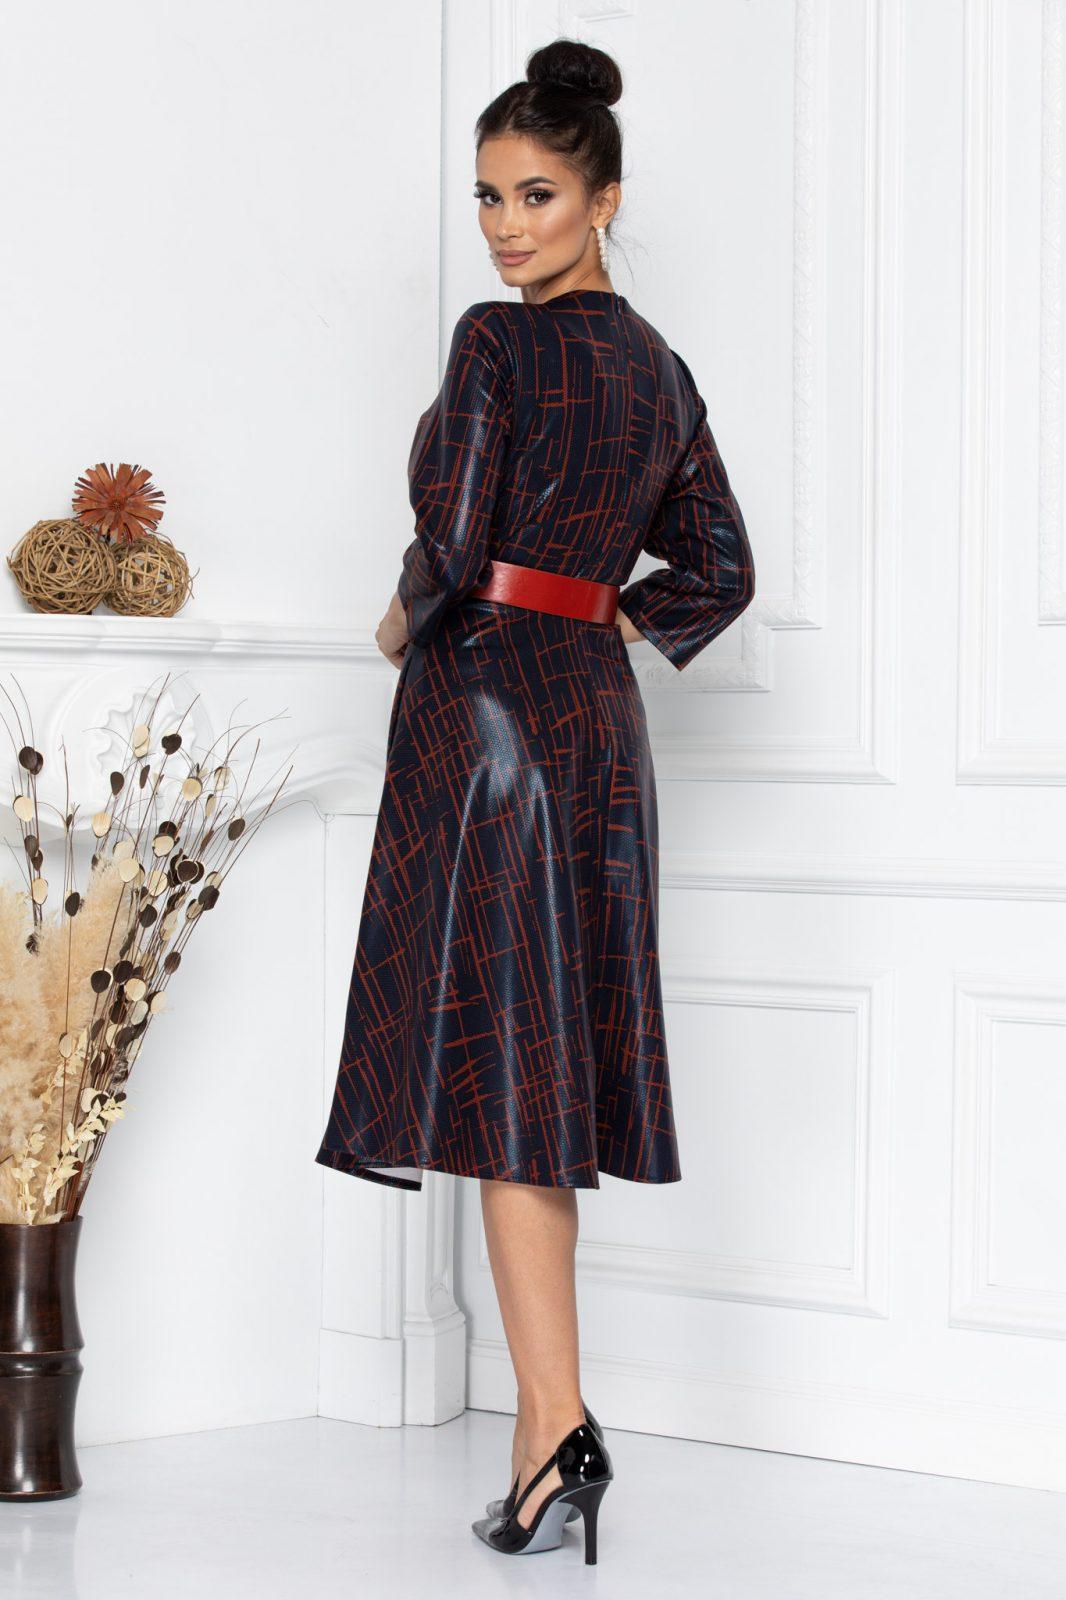 Μαύρο Φόρεμα Με Κόκκινη Ζώνη Darlene 8692